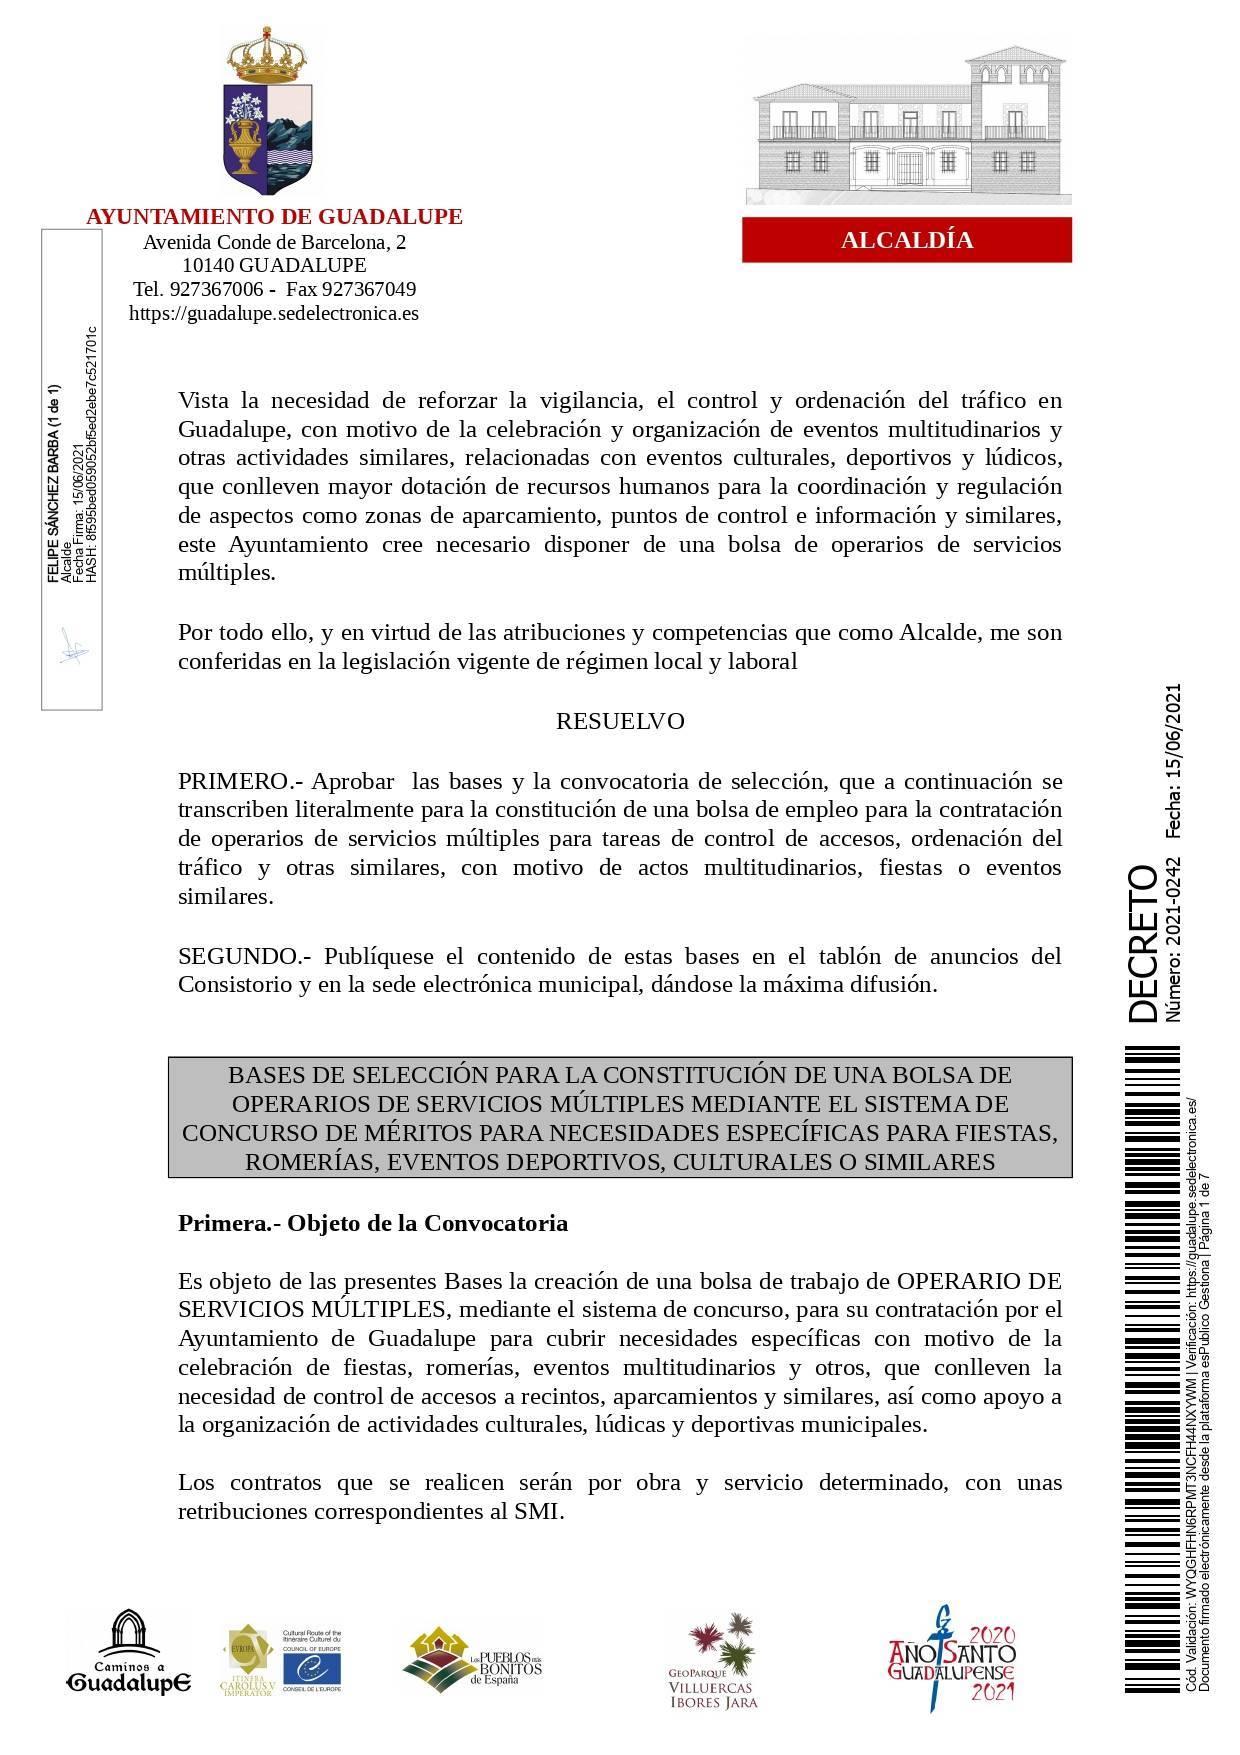 Bolsa de operarios de servicios múltiples para eventos (2021) - Guadalupe (Cáceres) 1